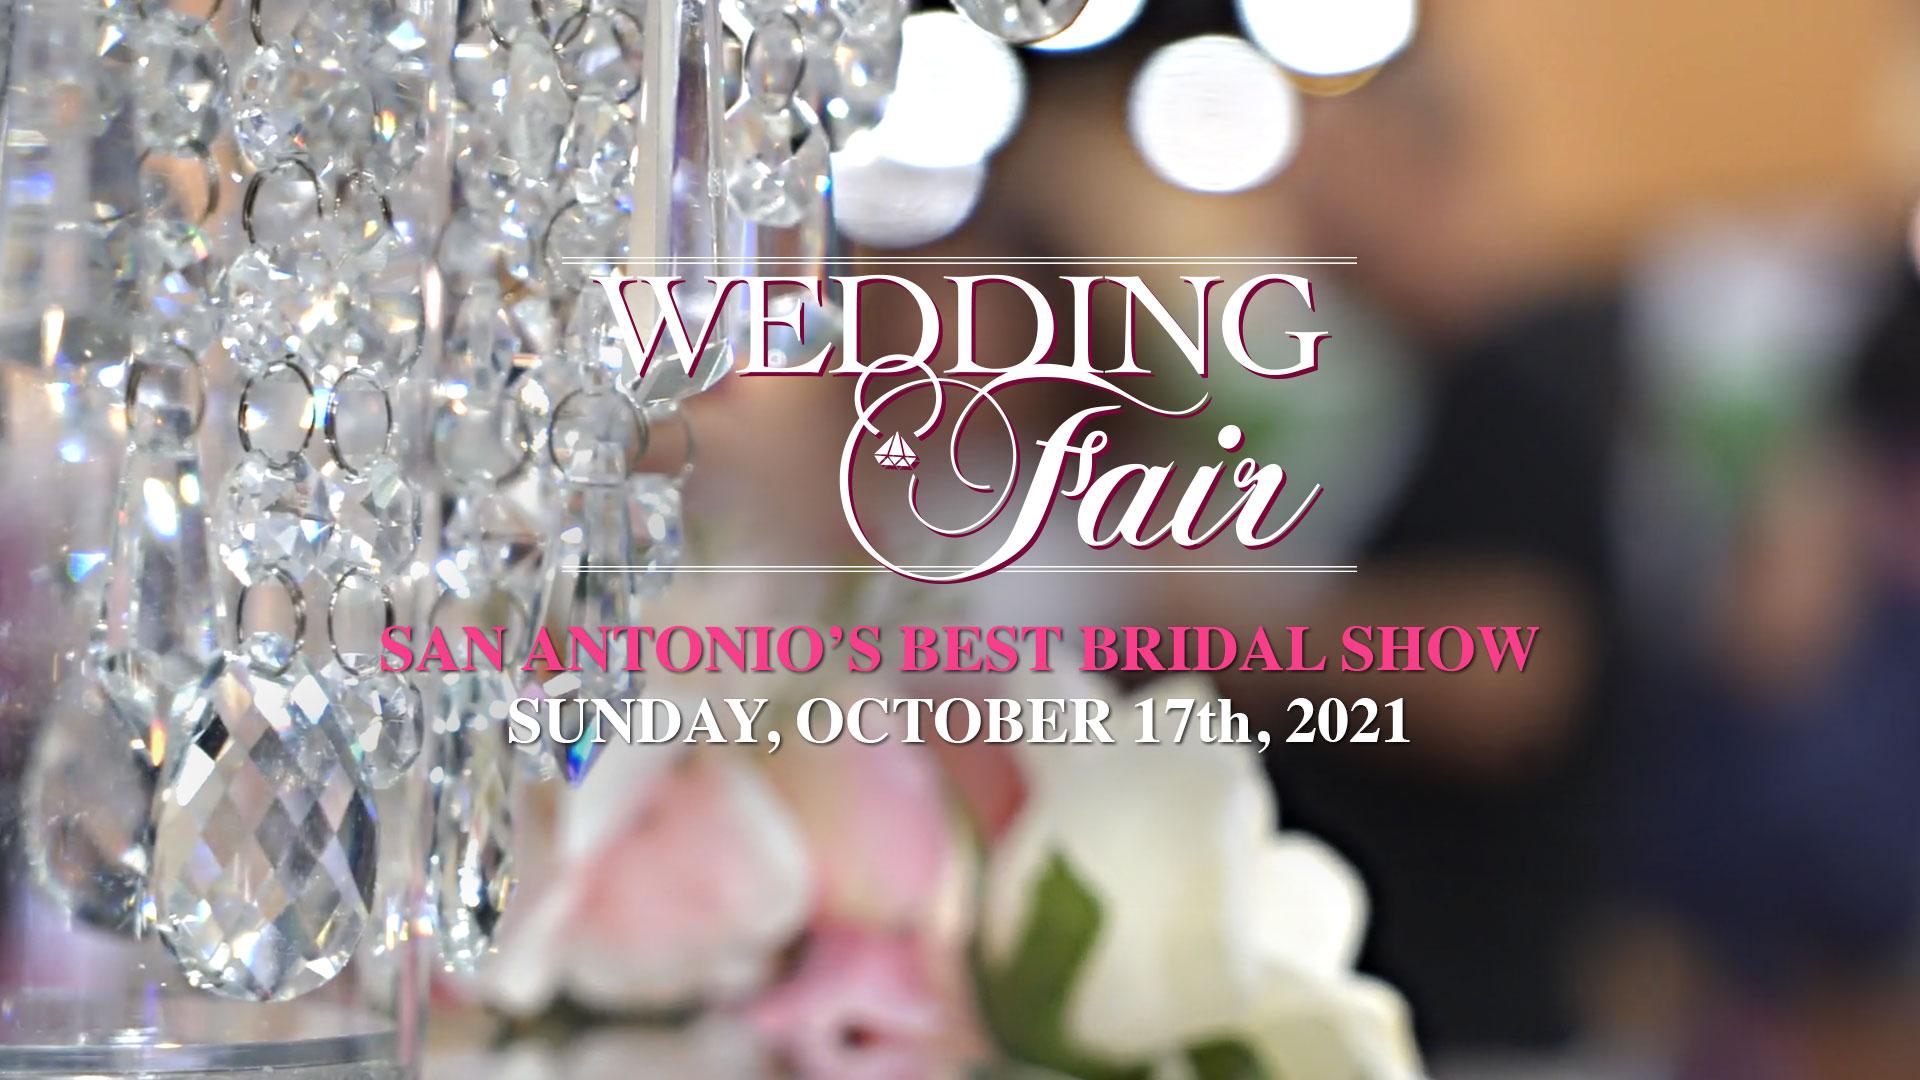 Wedding Fair Show - October 17, 2021 - San Antonio, Texas